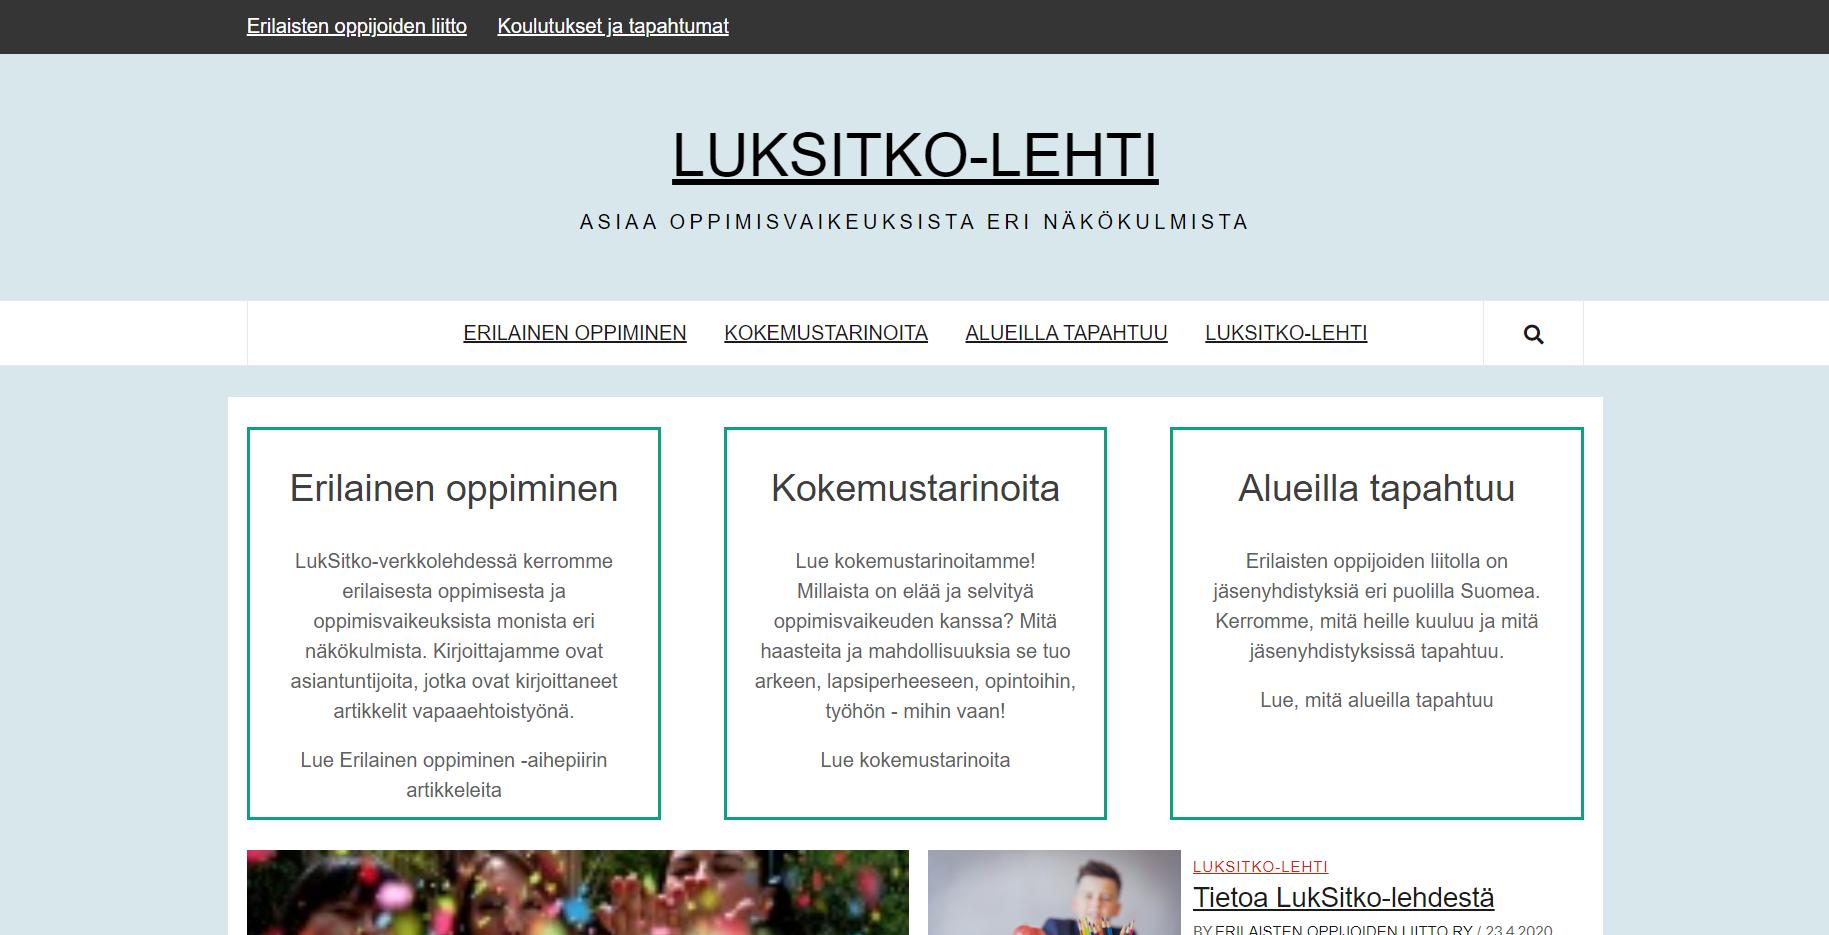 LukSitko-verkkolehti etusivun näkymä